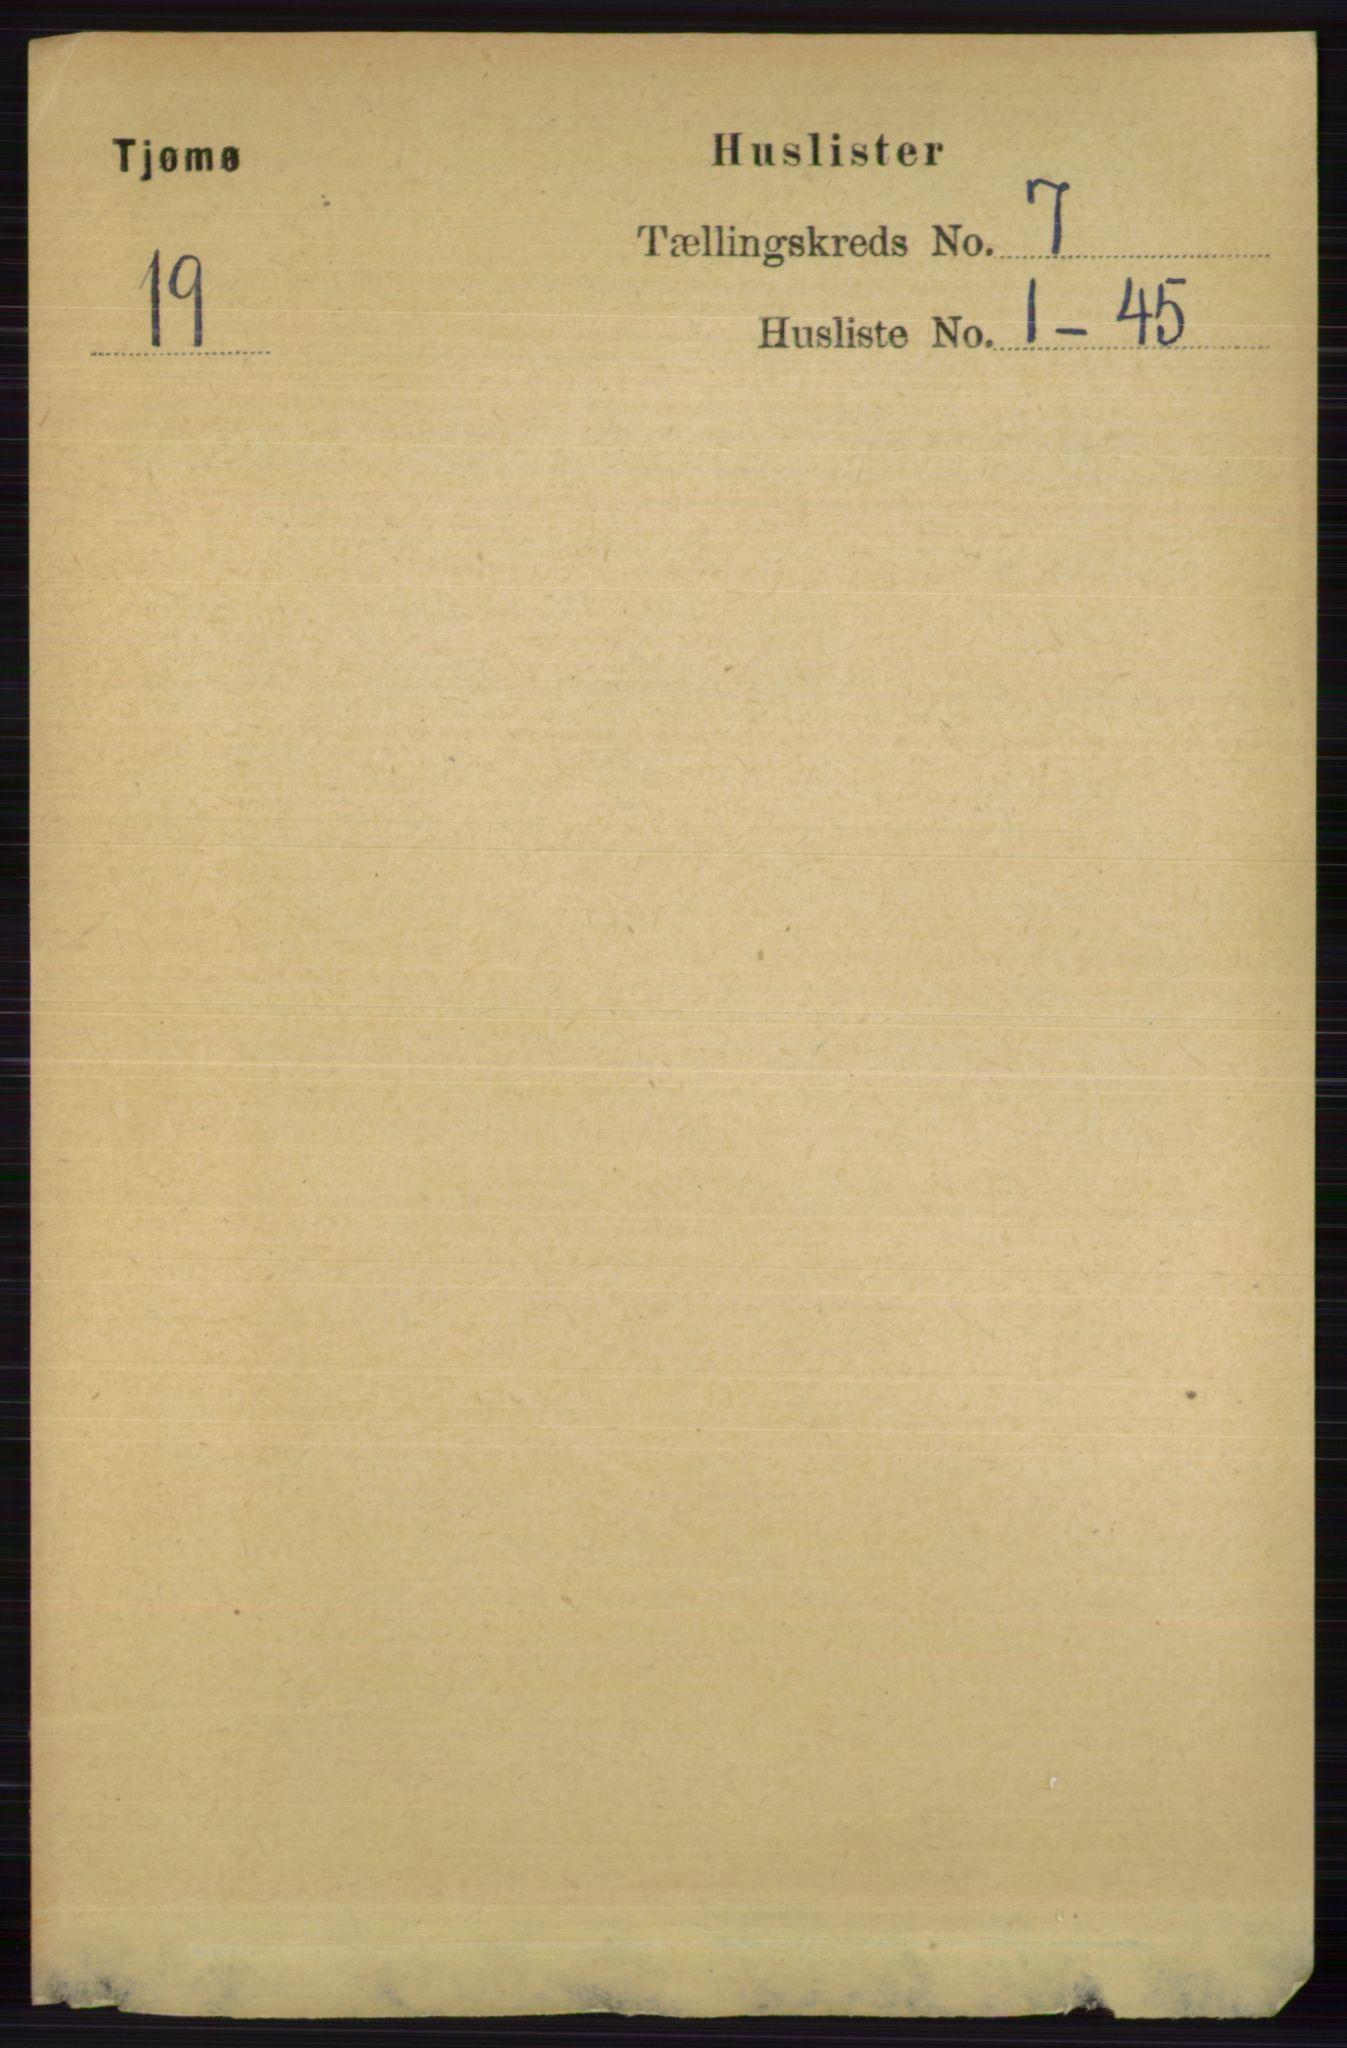 RA, Folketelling 1891 for 0723 Tjøme herred, 1891, s. 2412